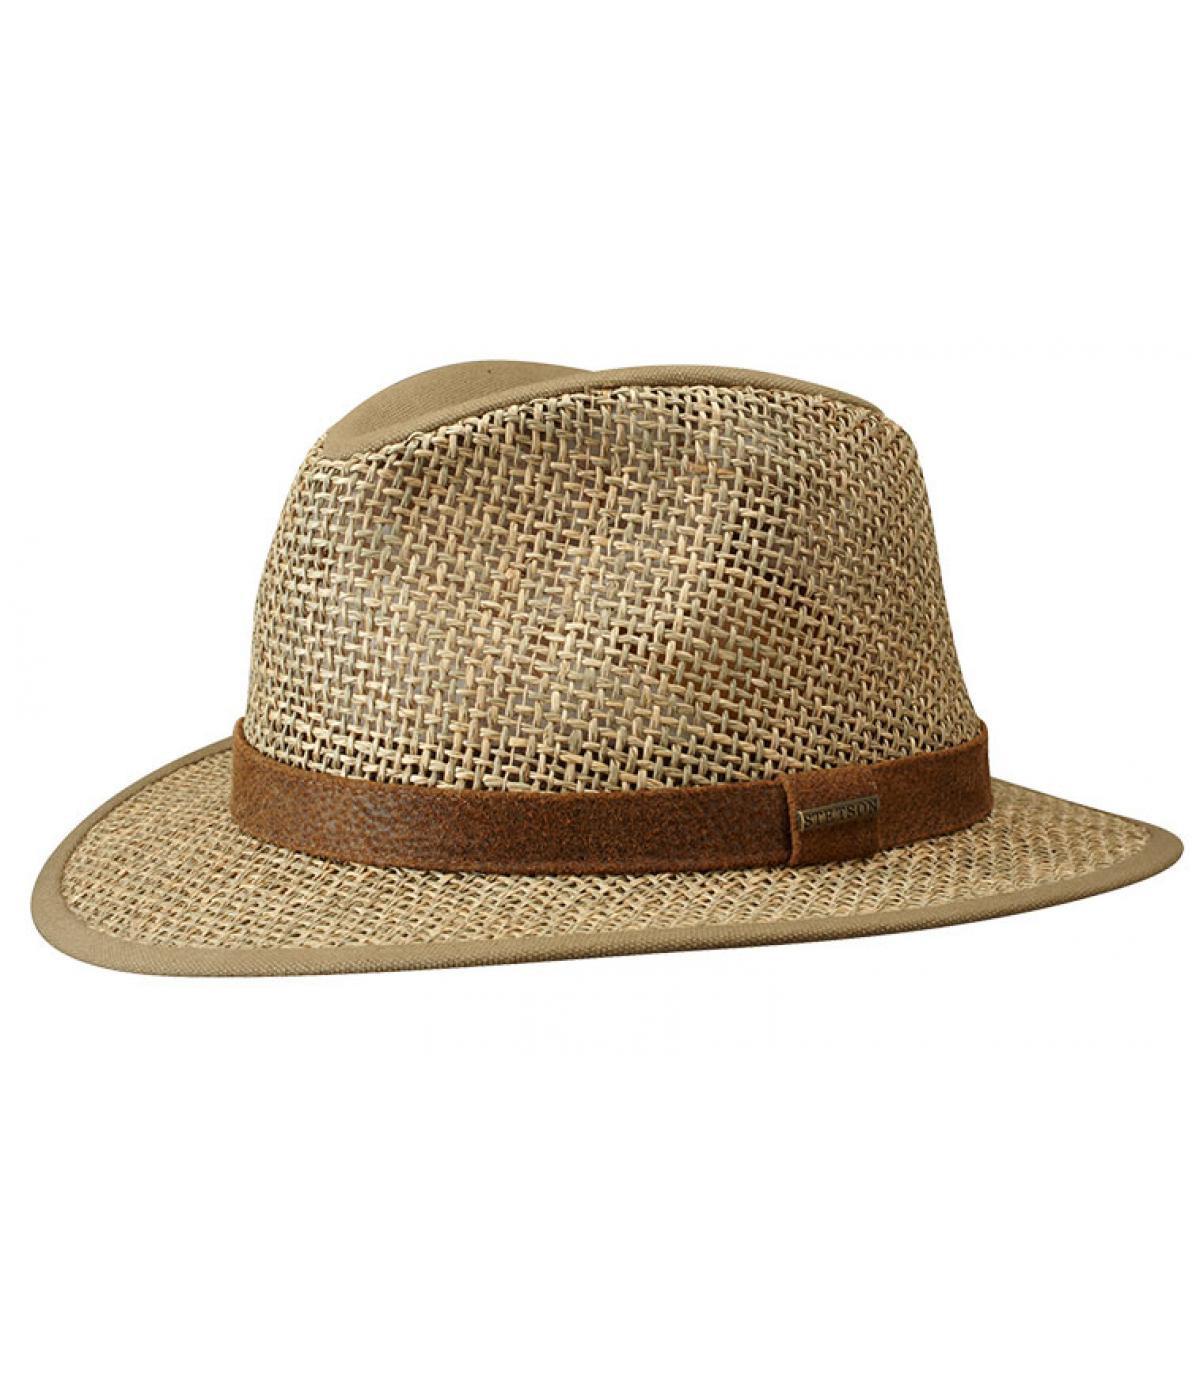 chapeau paille large bords Stetson